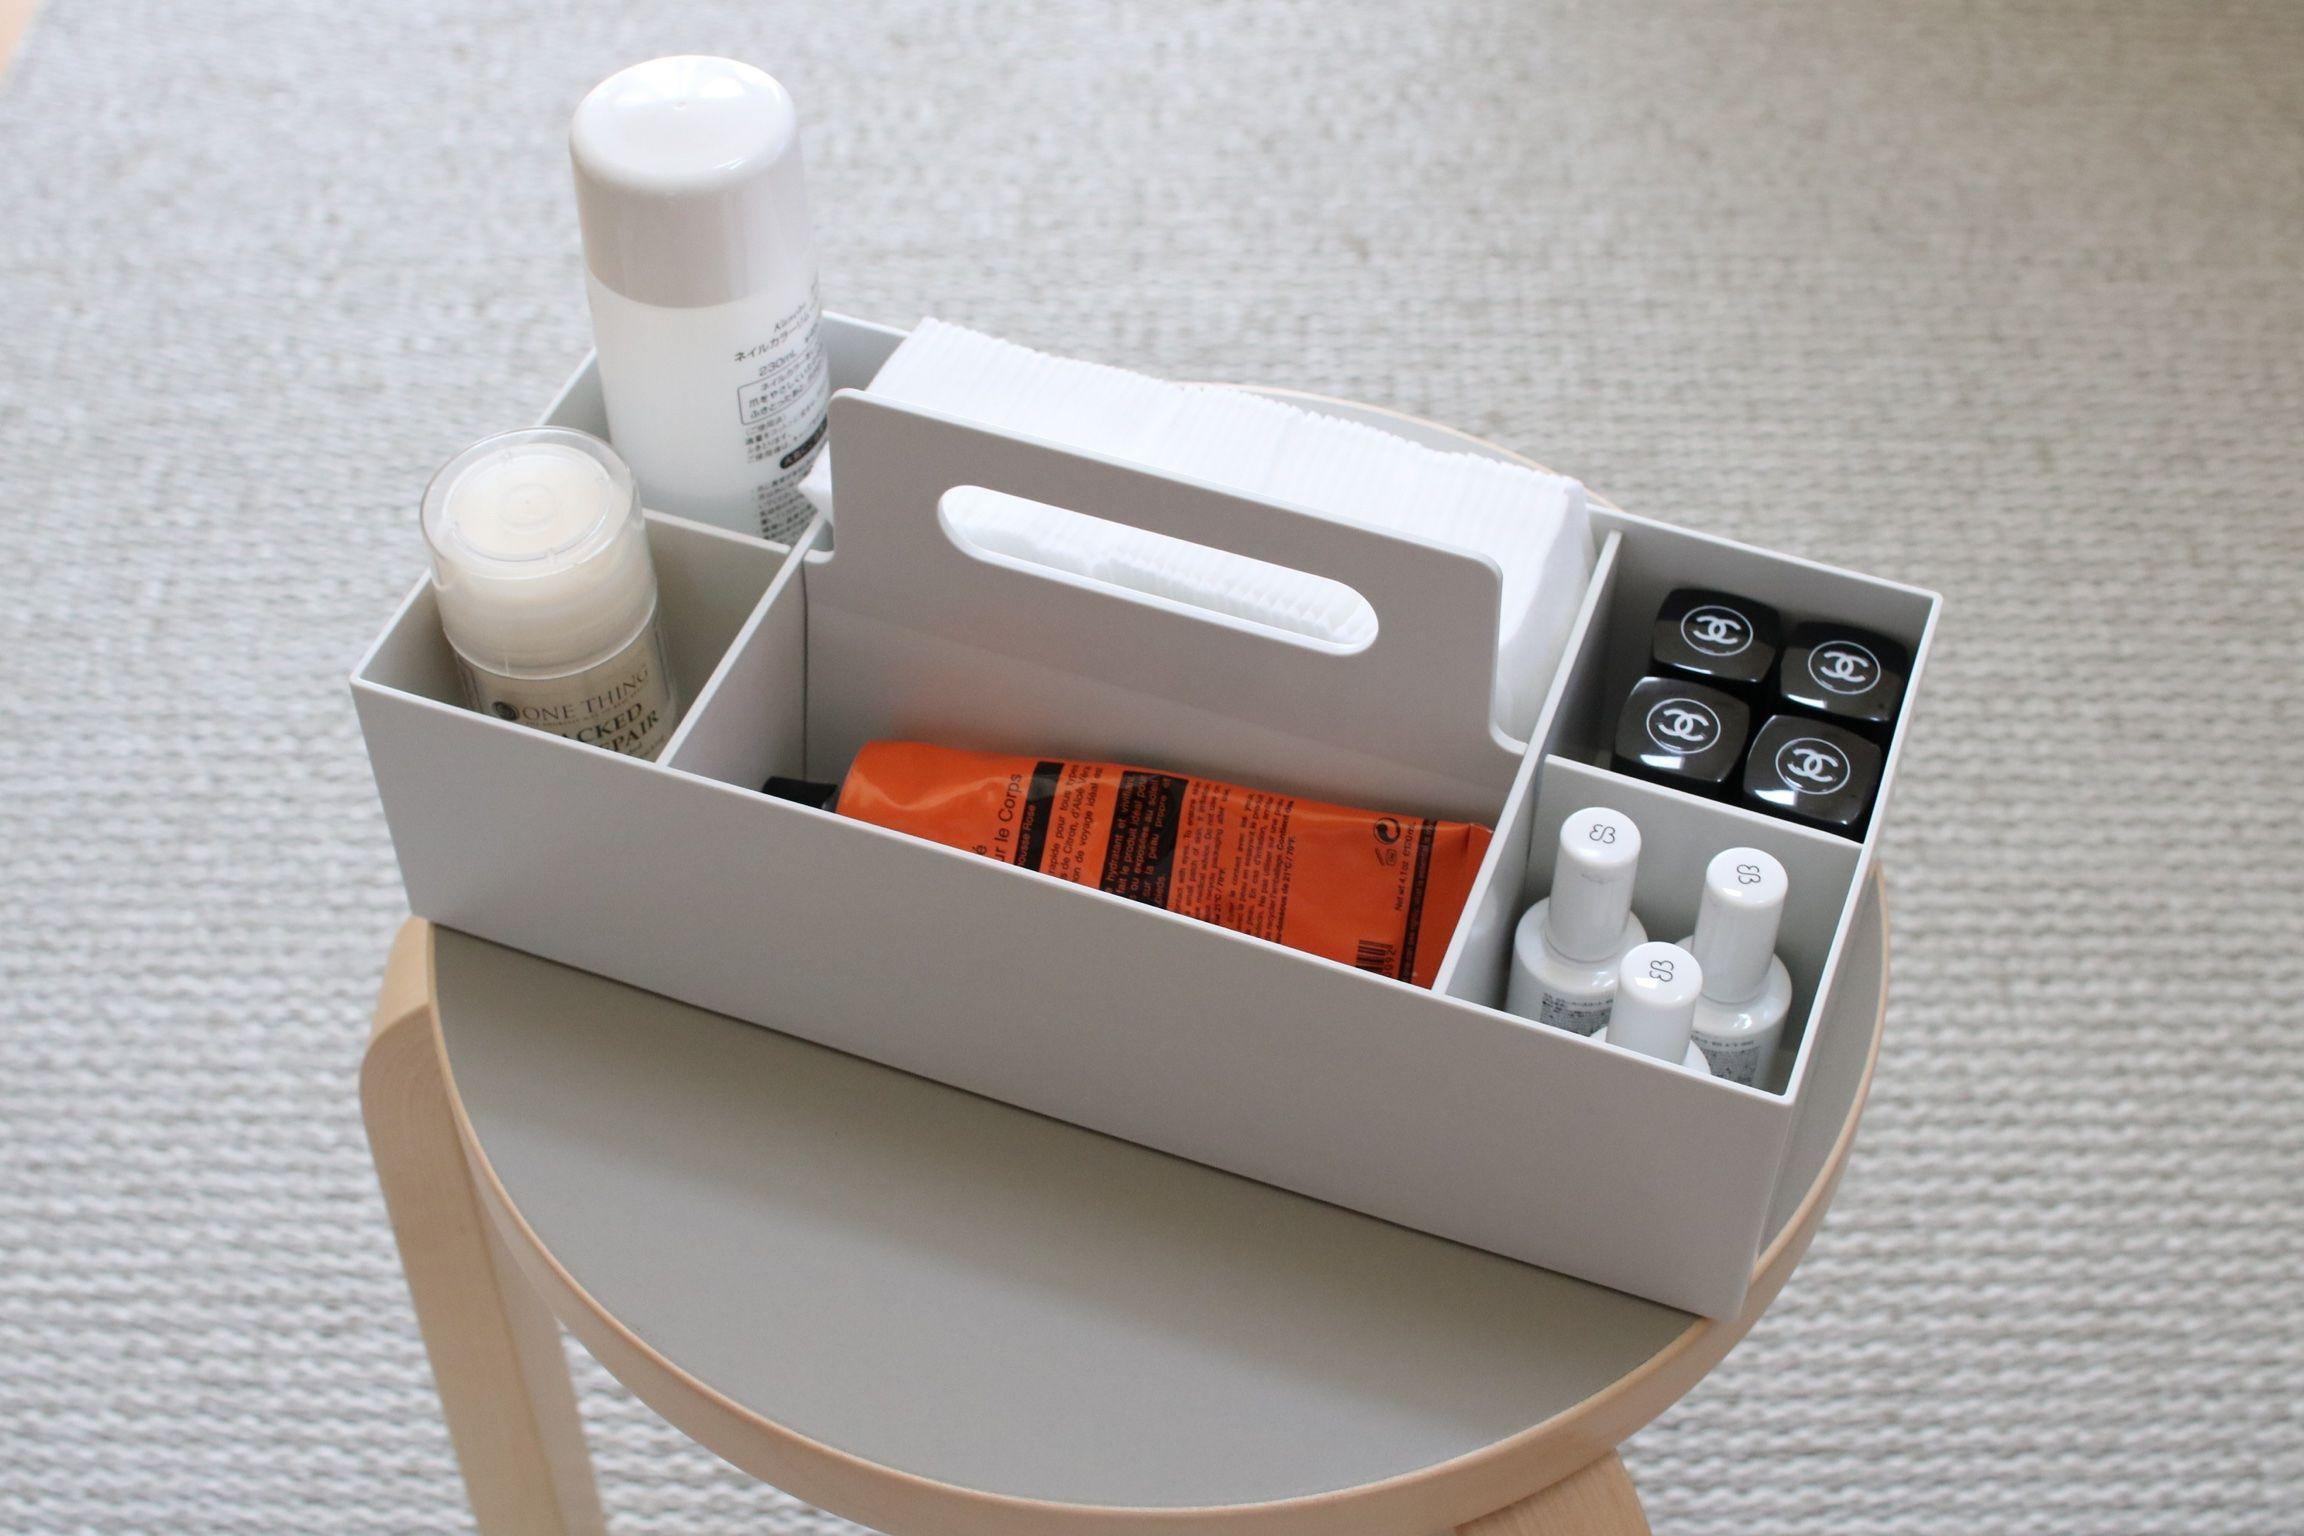 ducks home. Black Bedroom Furniture Sets. Home Design Ideas